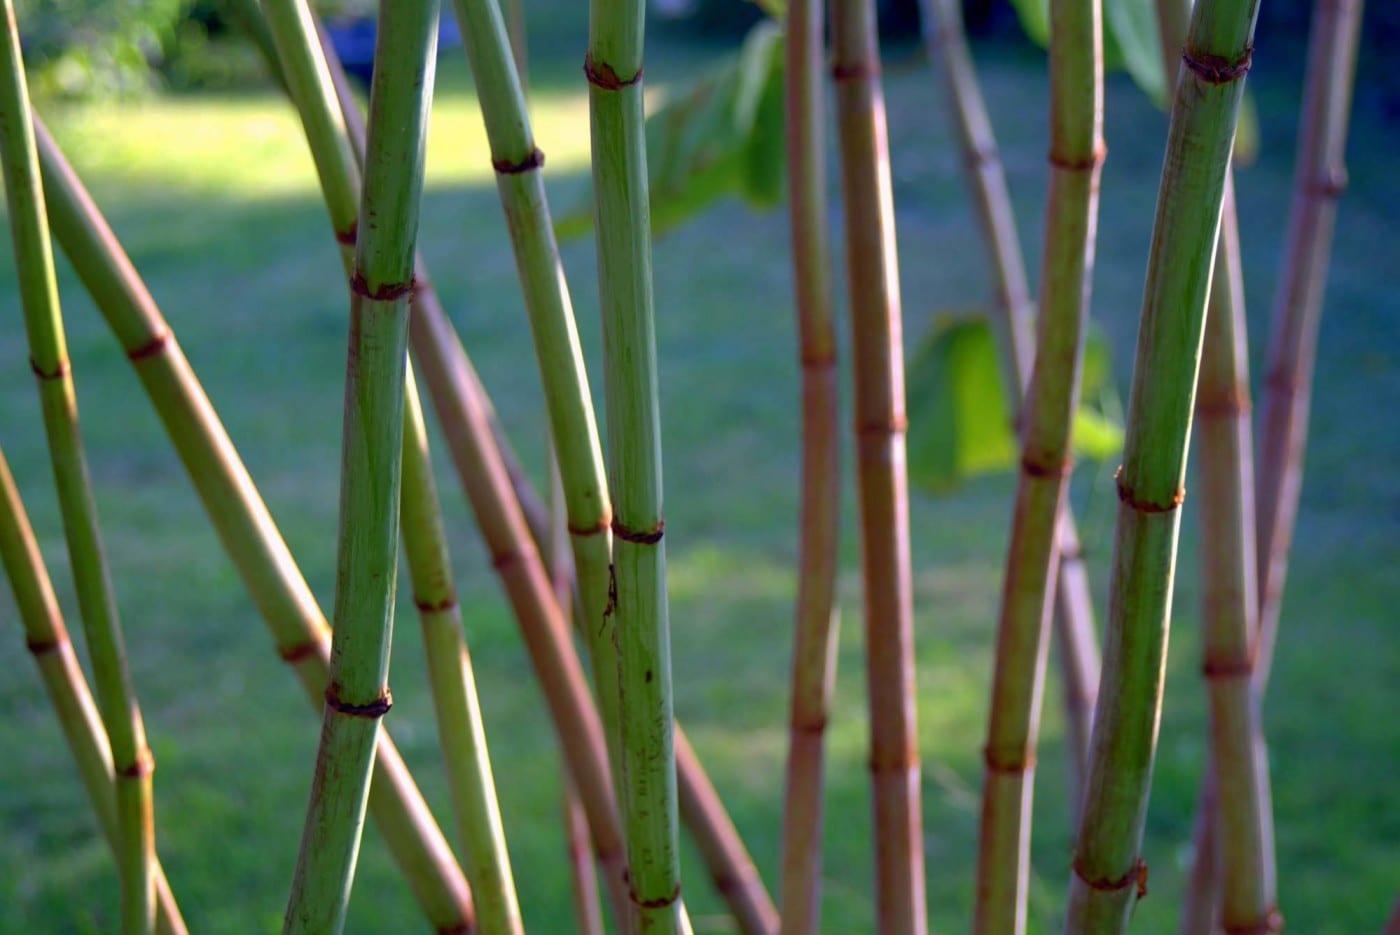 Japanese Knotweed - example of a knotweed claim